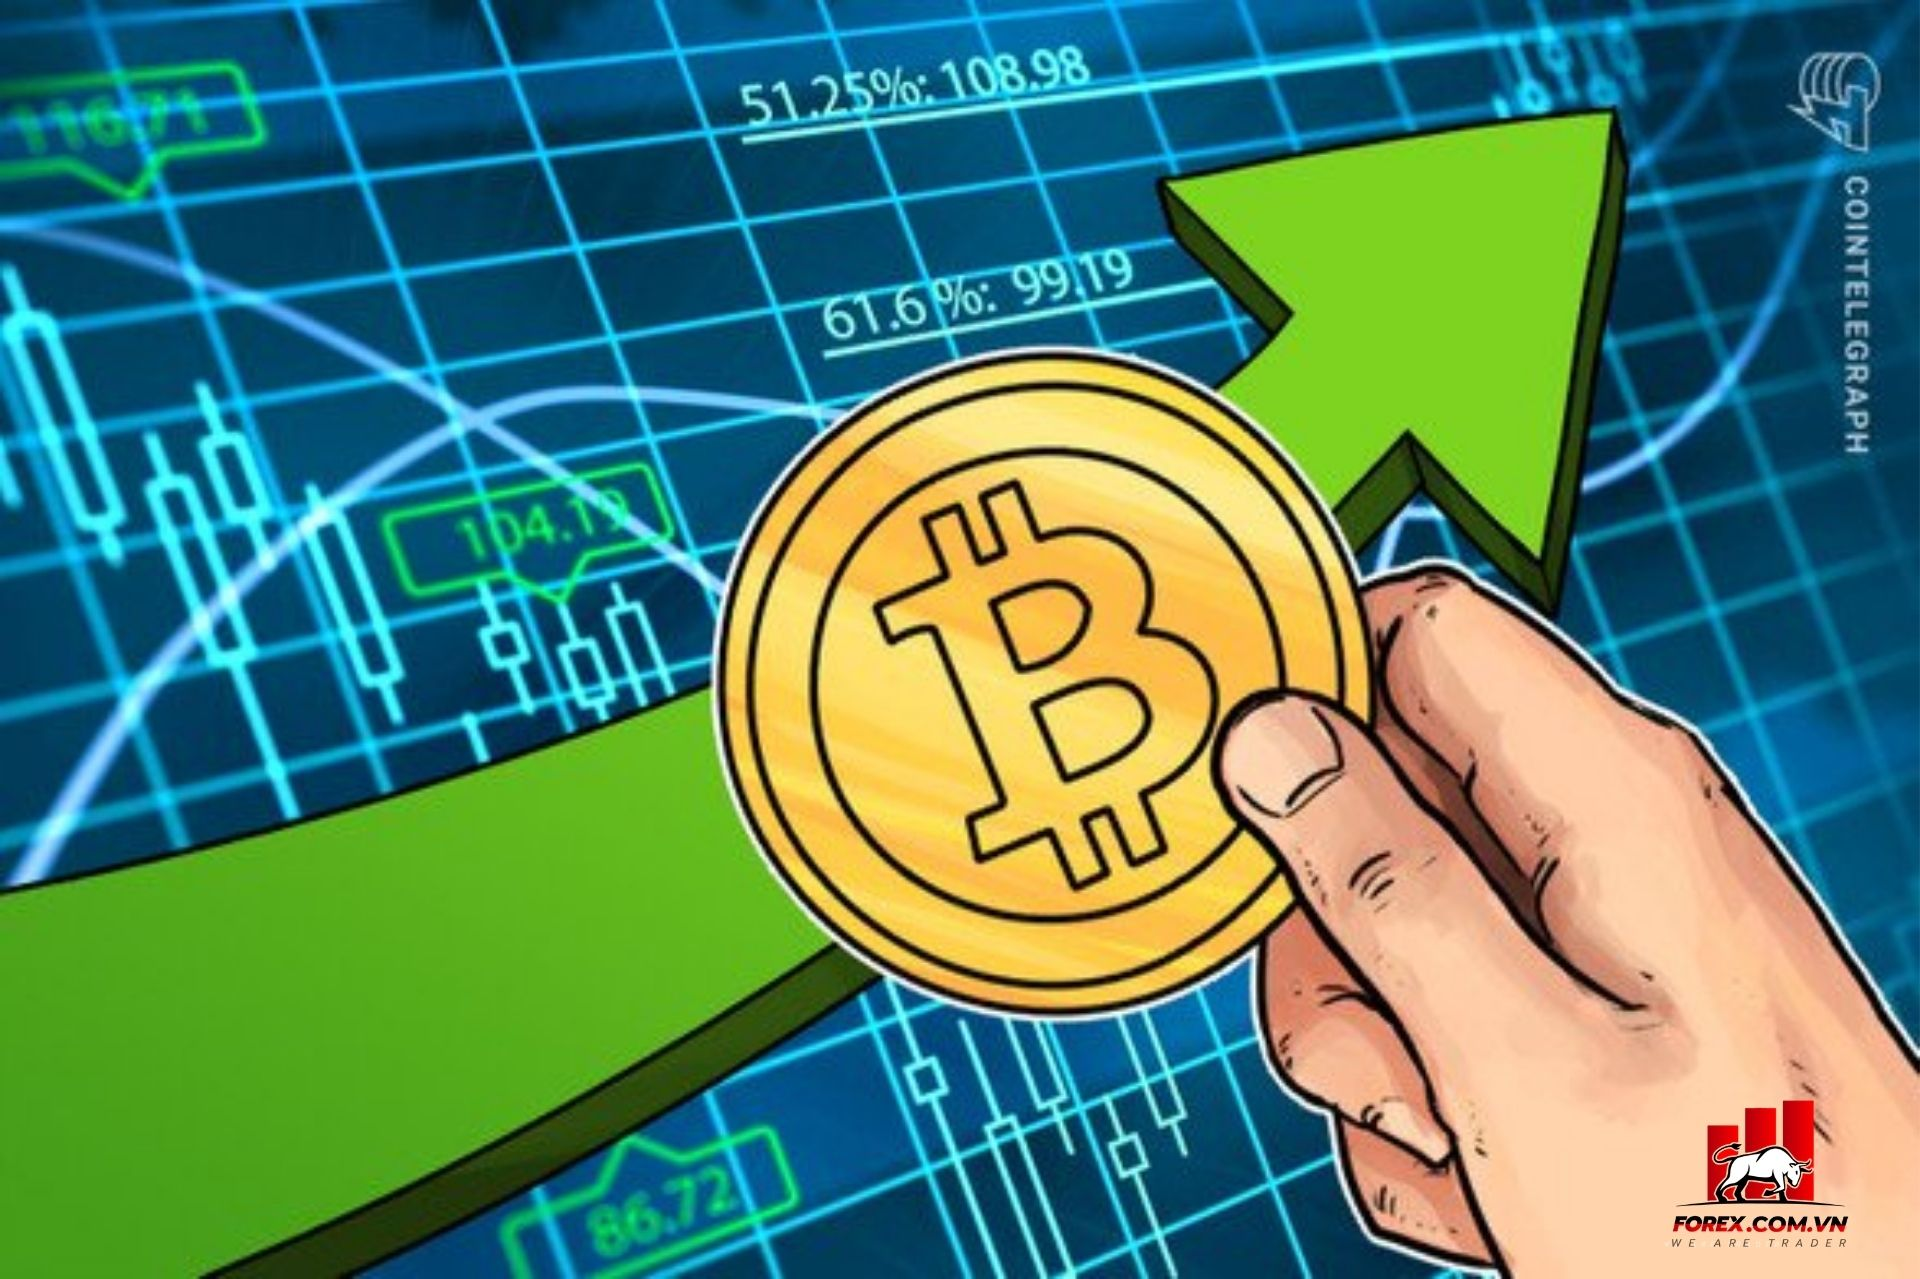 giá Bitcoin được dự đóan sẽ tăng gấp năm lần trong năm 2021